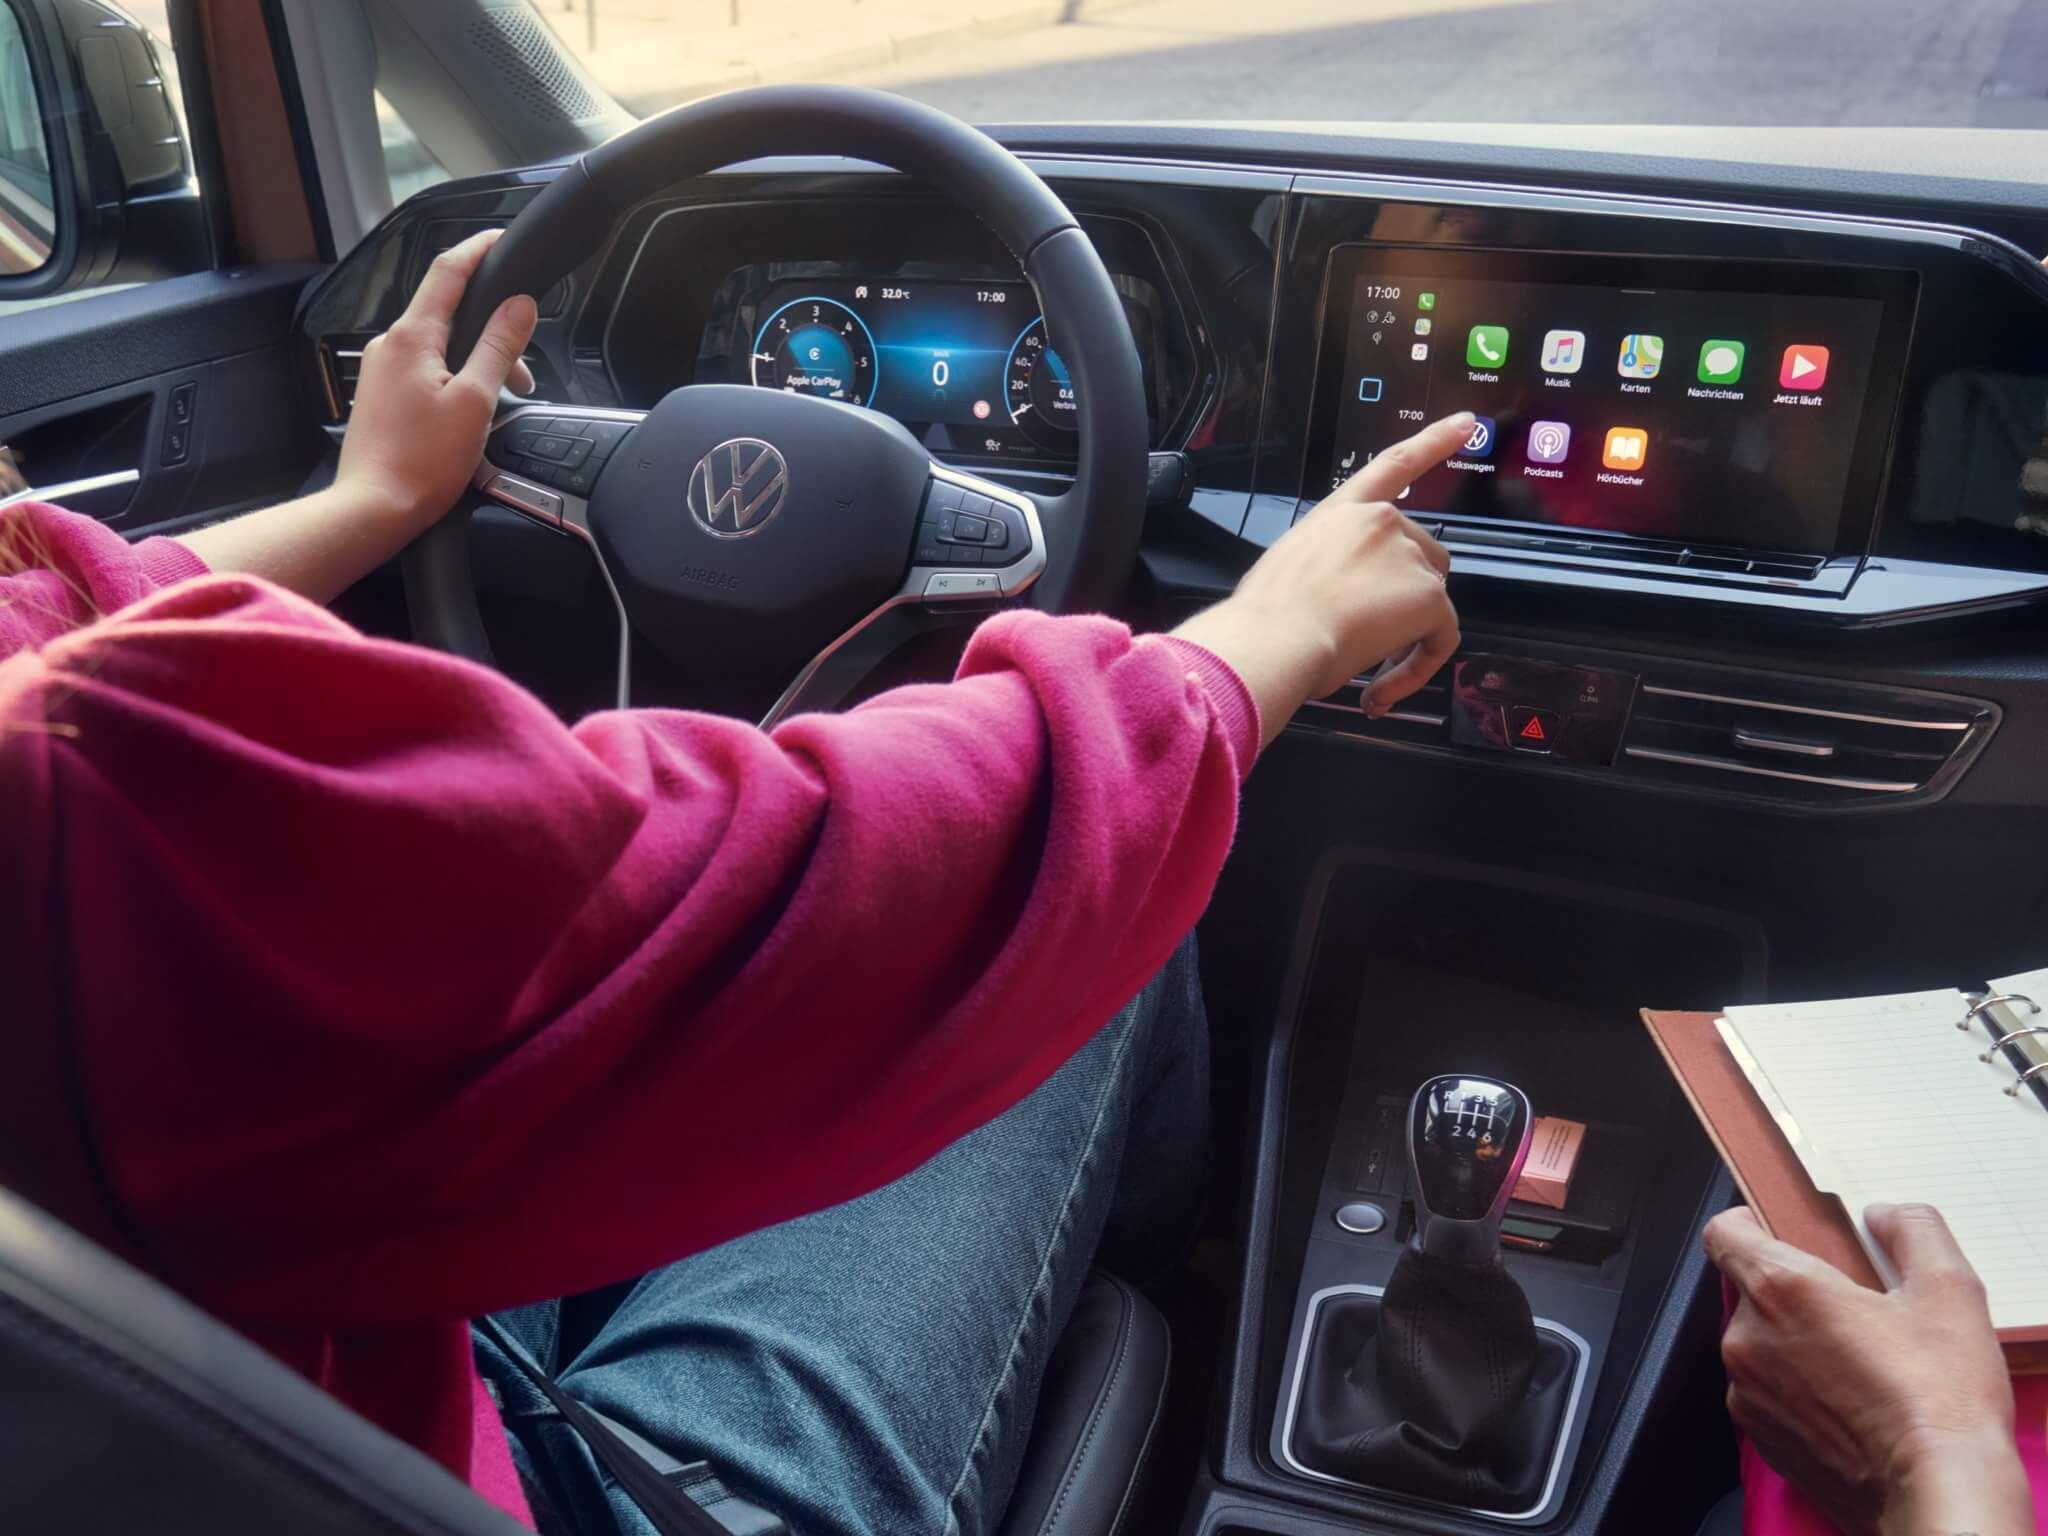 инфомедиа-система в новом Caddy